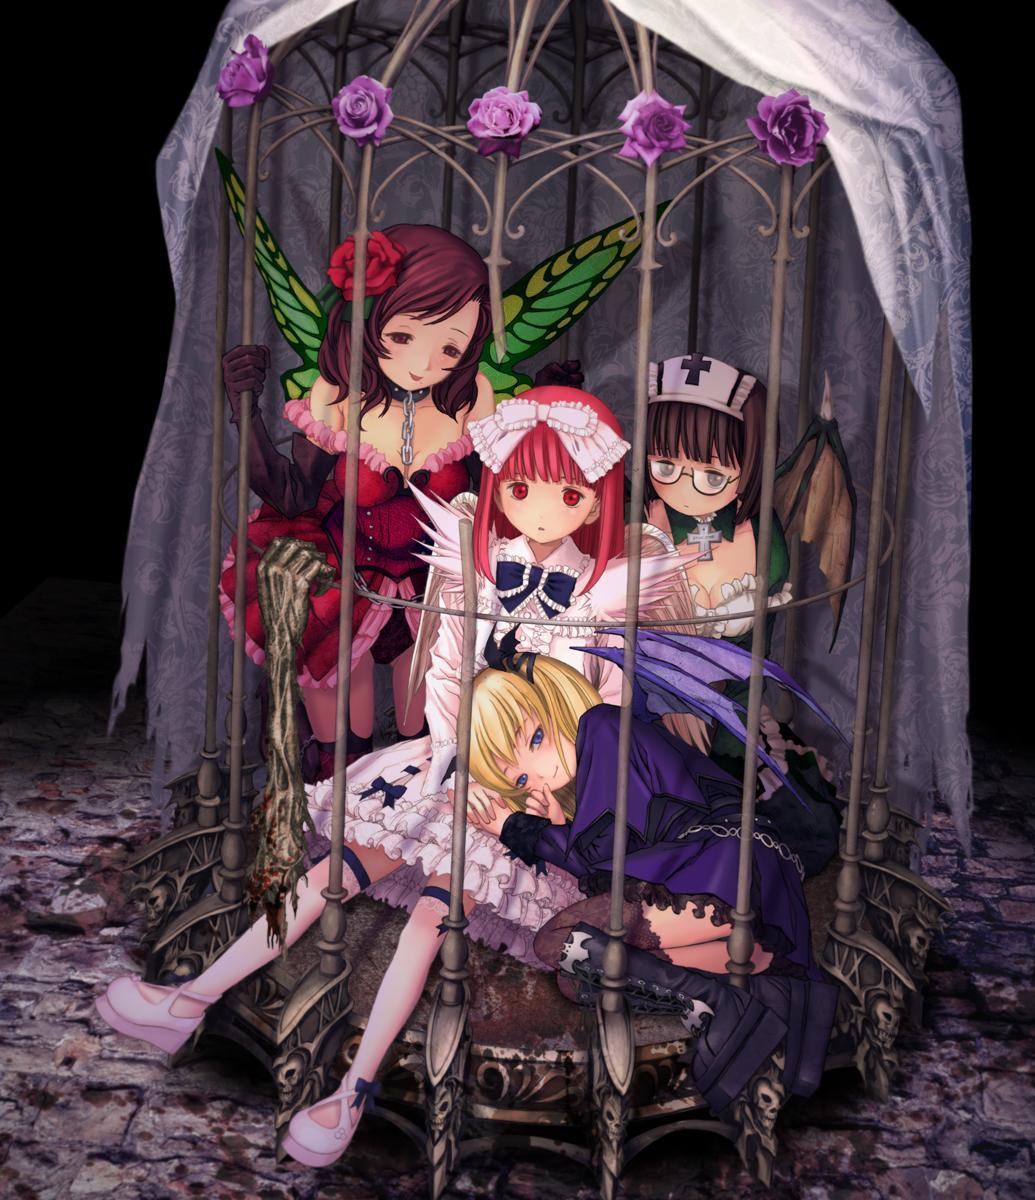 Fantasy animated bondage agree